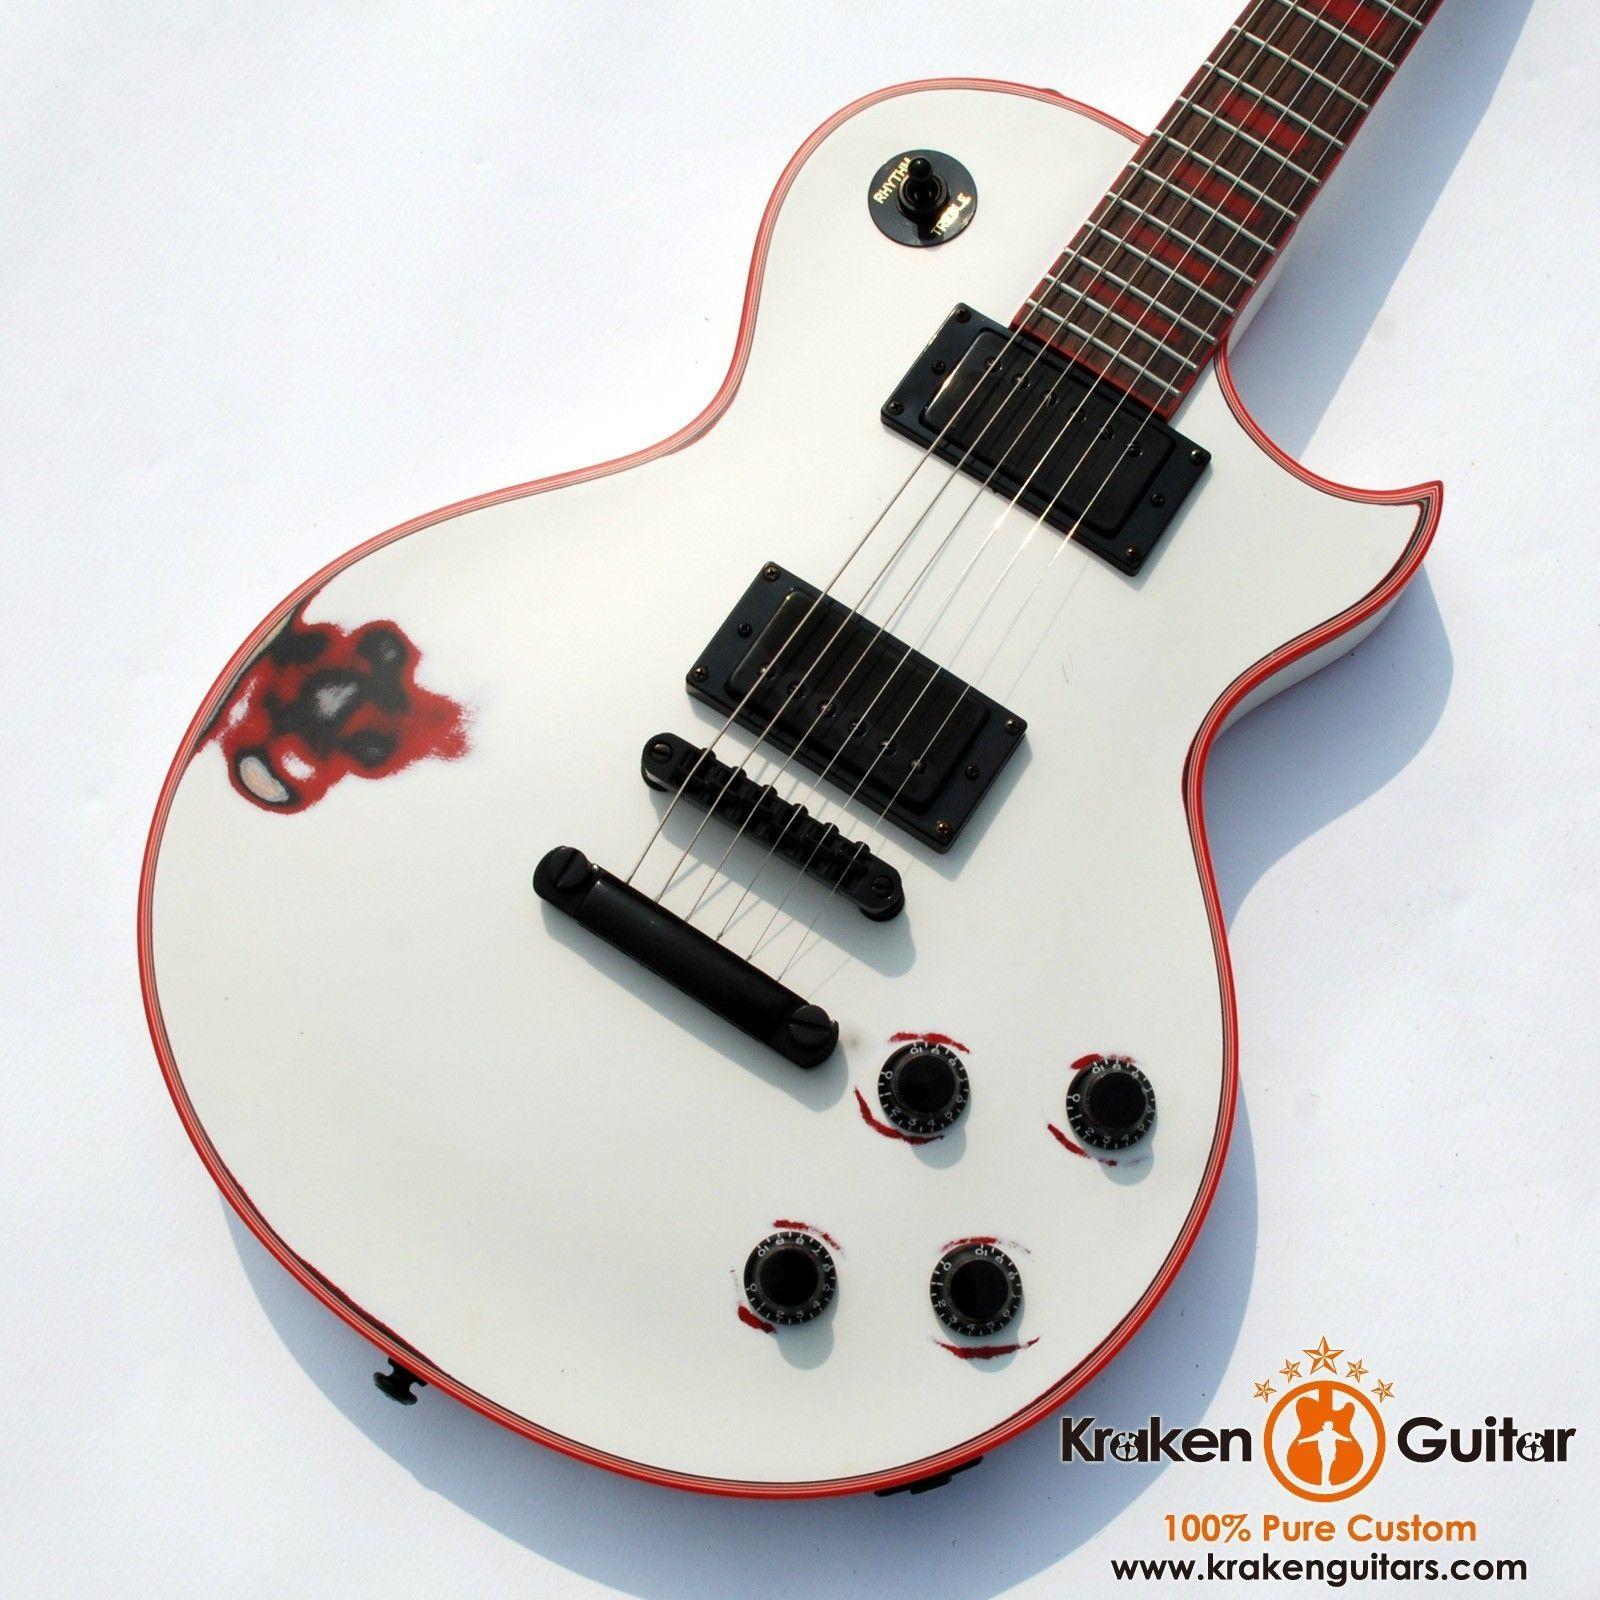 Kraken Legion 4 Fire Storm WH relic Promotion Auction electric guitar